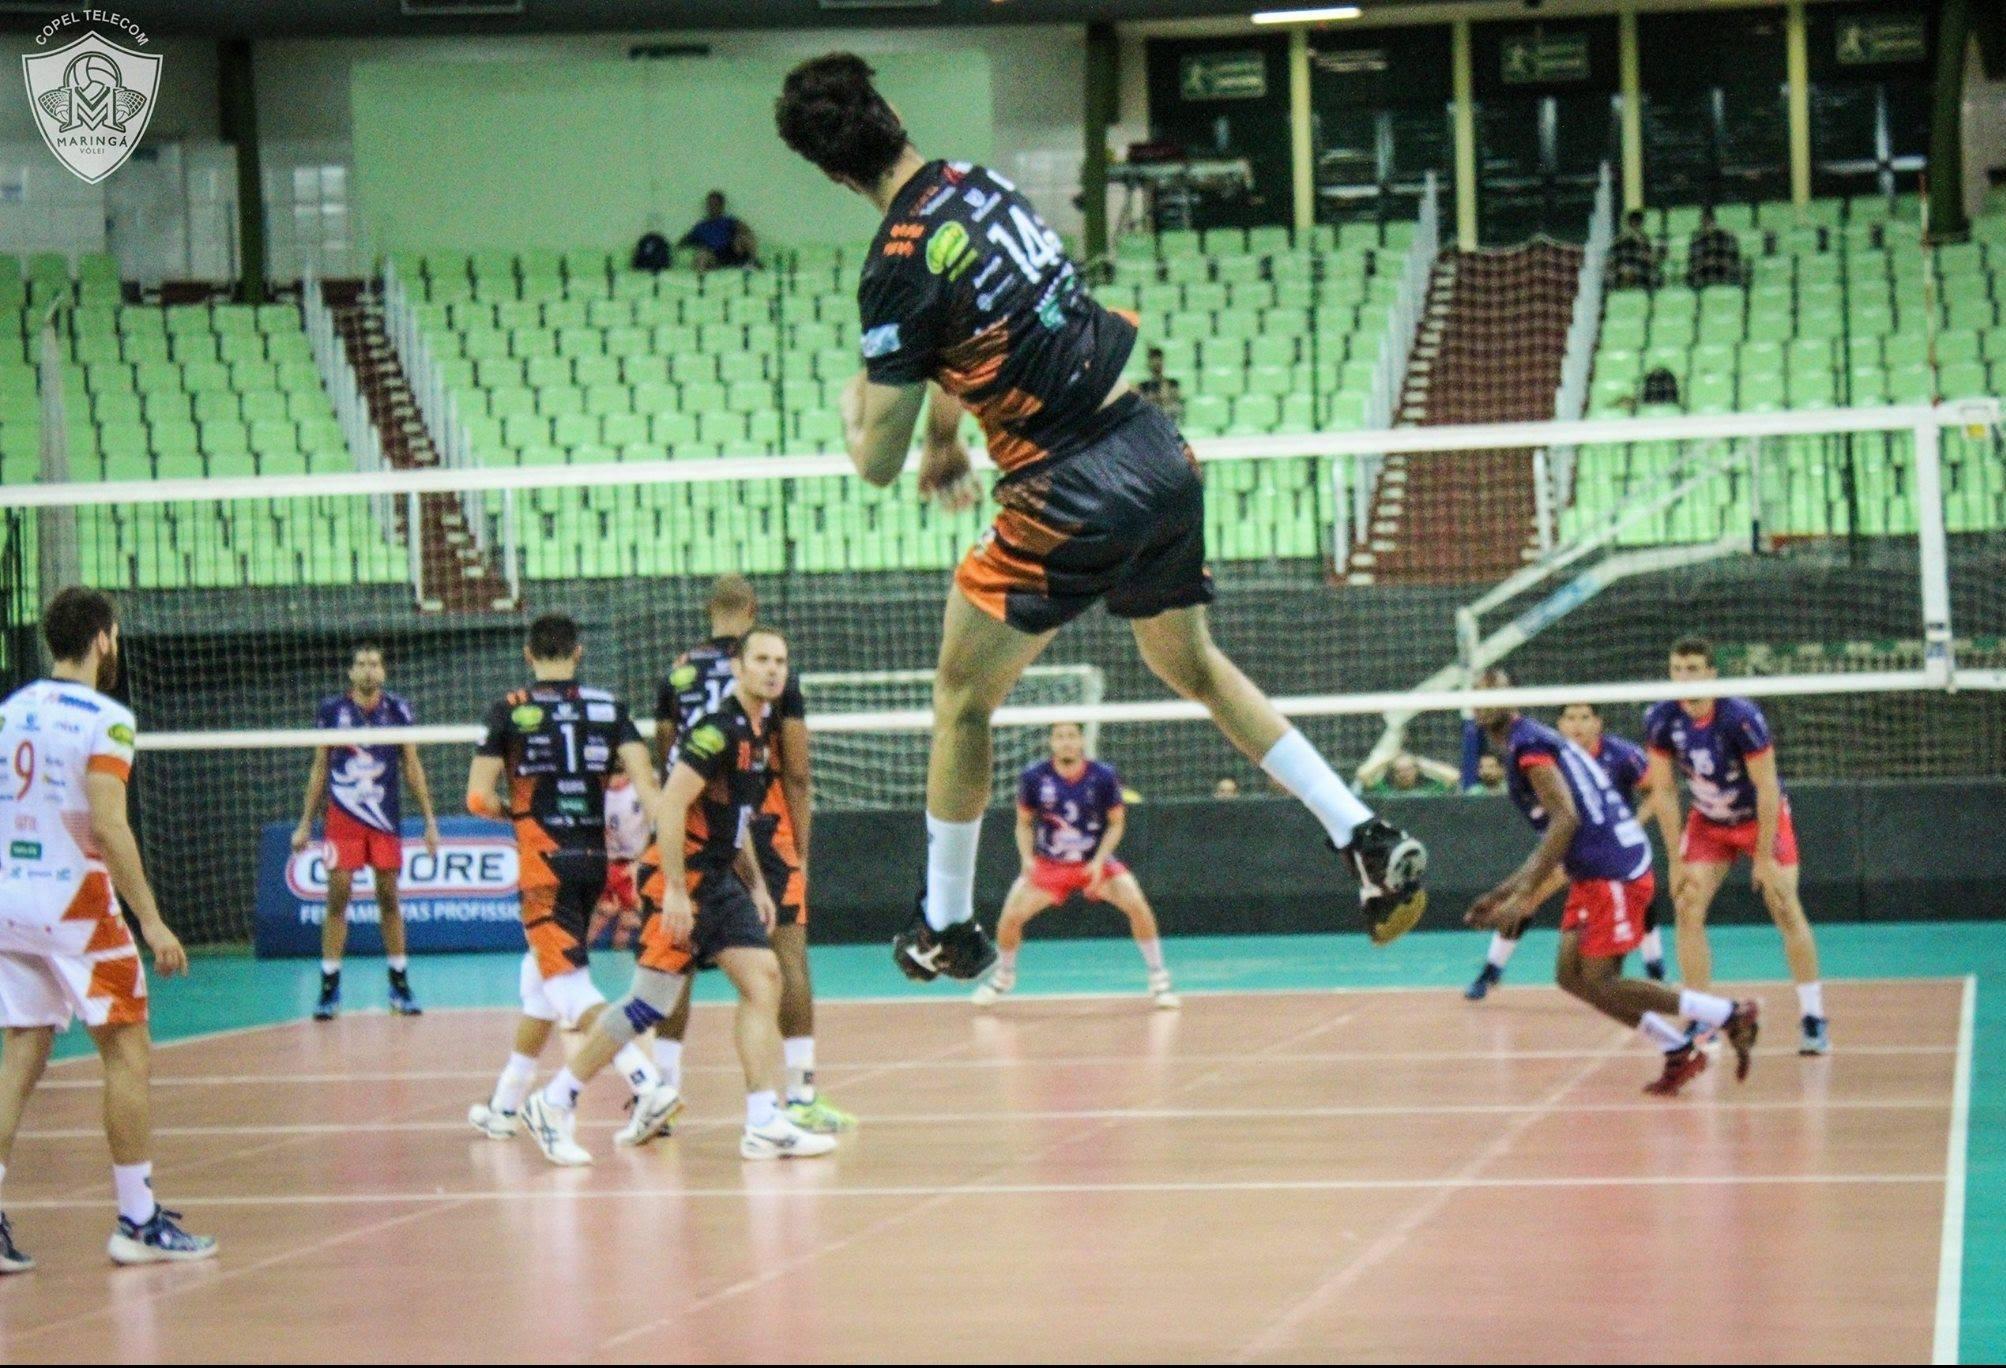 Com 86% de derrotas na Superliga, Copel Maringá deixa competição na vice-lanterna e é rebaixado